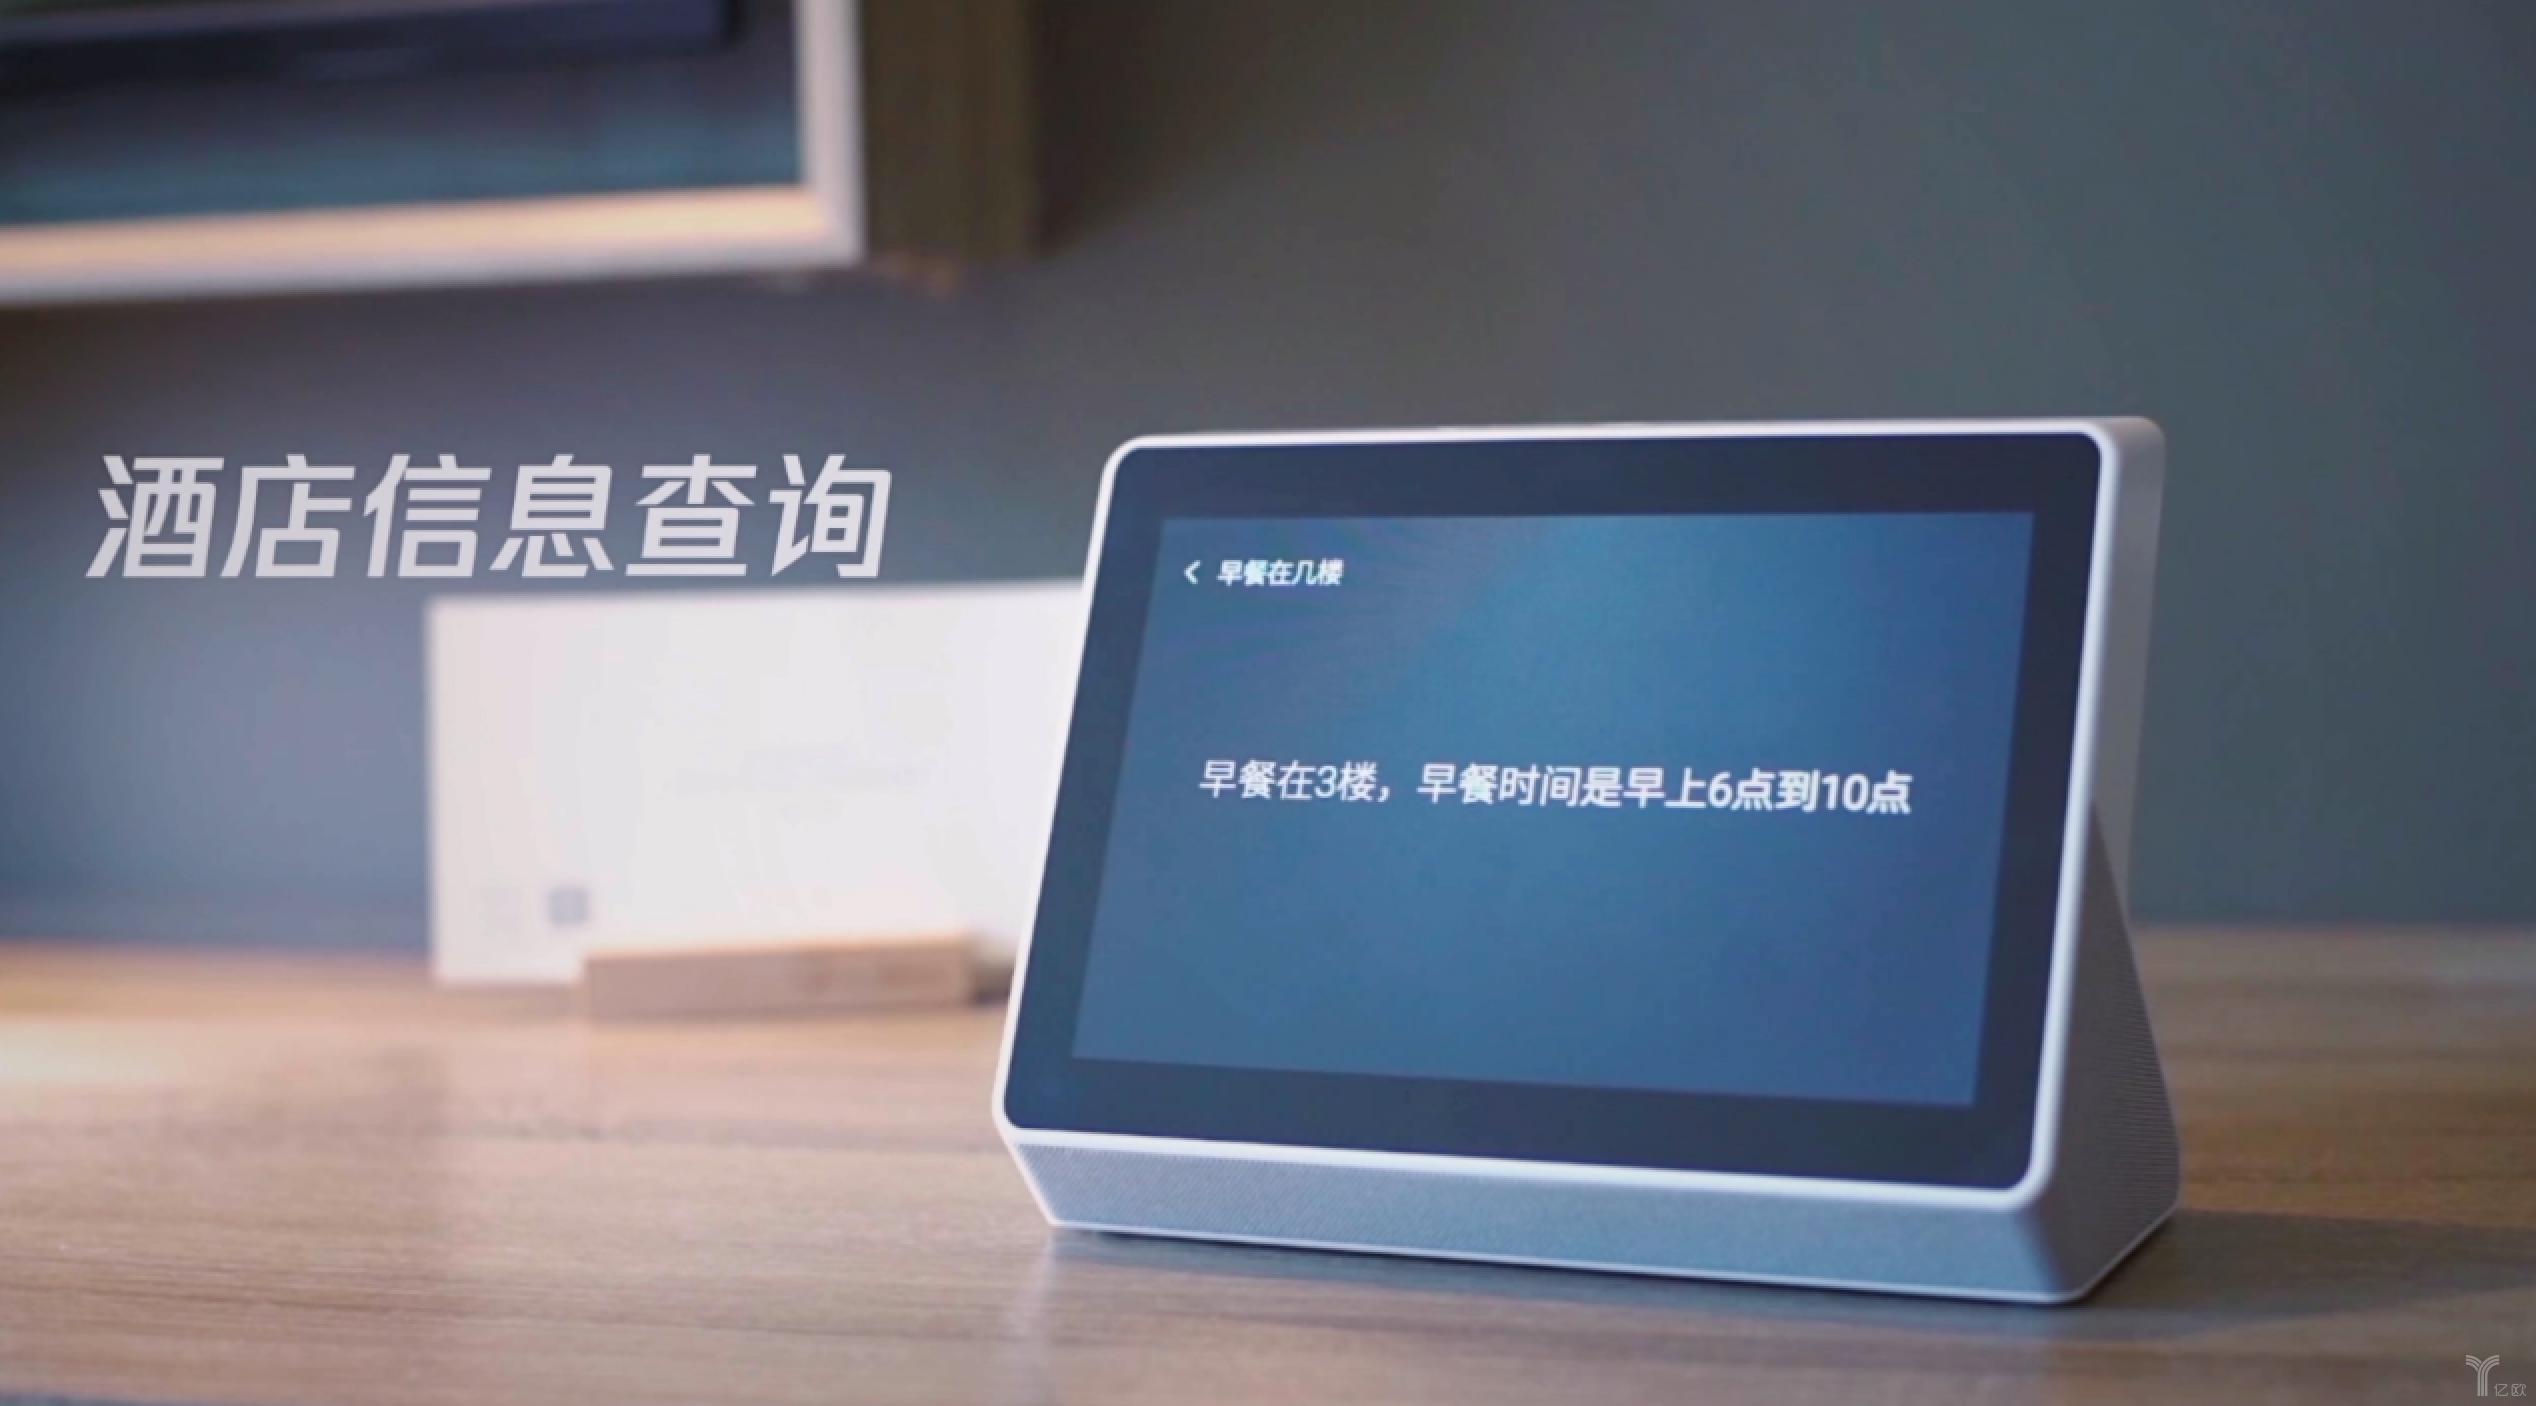 腾讯云小微AI助手 助力行业智慧化转型